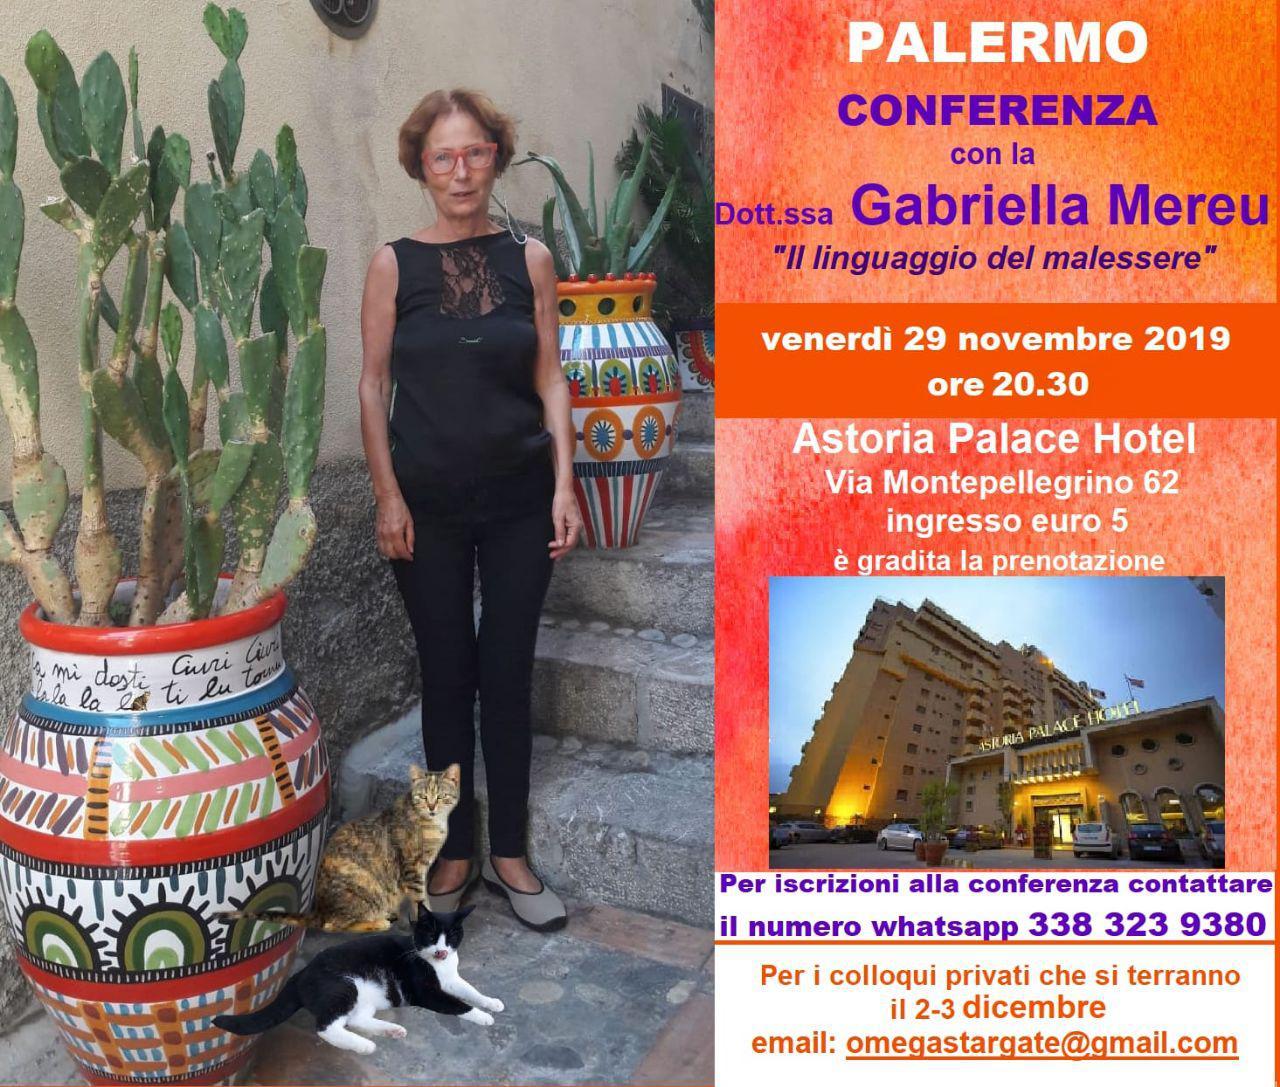 Palermo: conferenza e colloqui (ORARIO CAMBIATO)